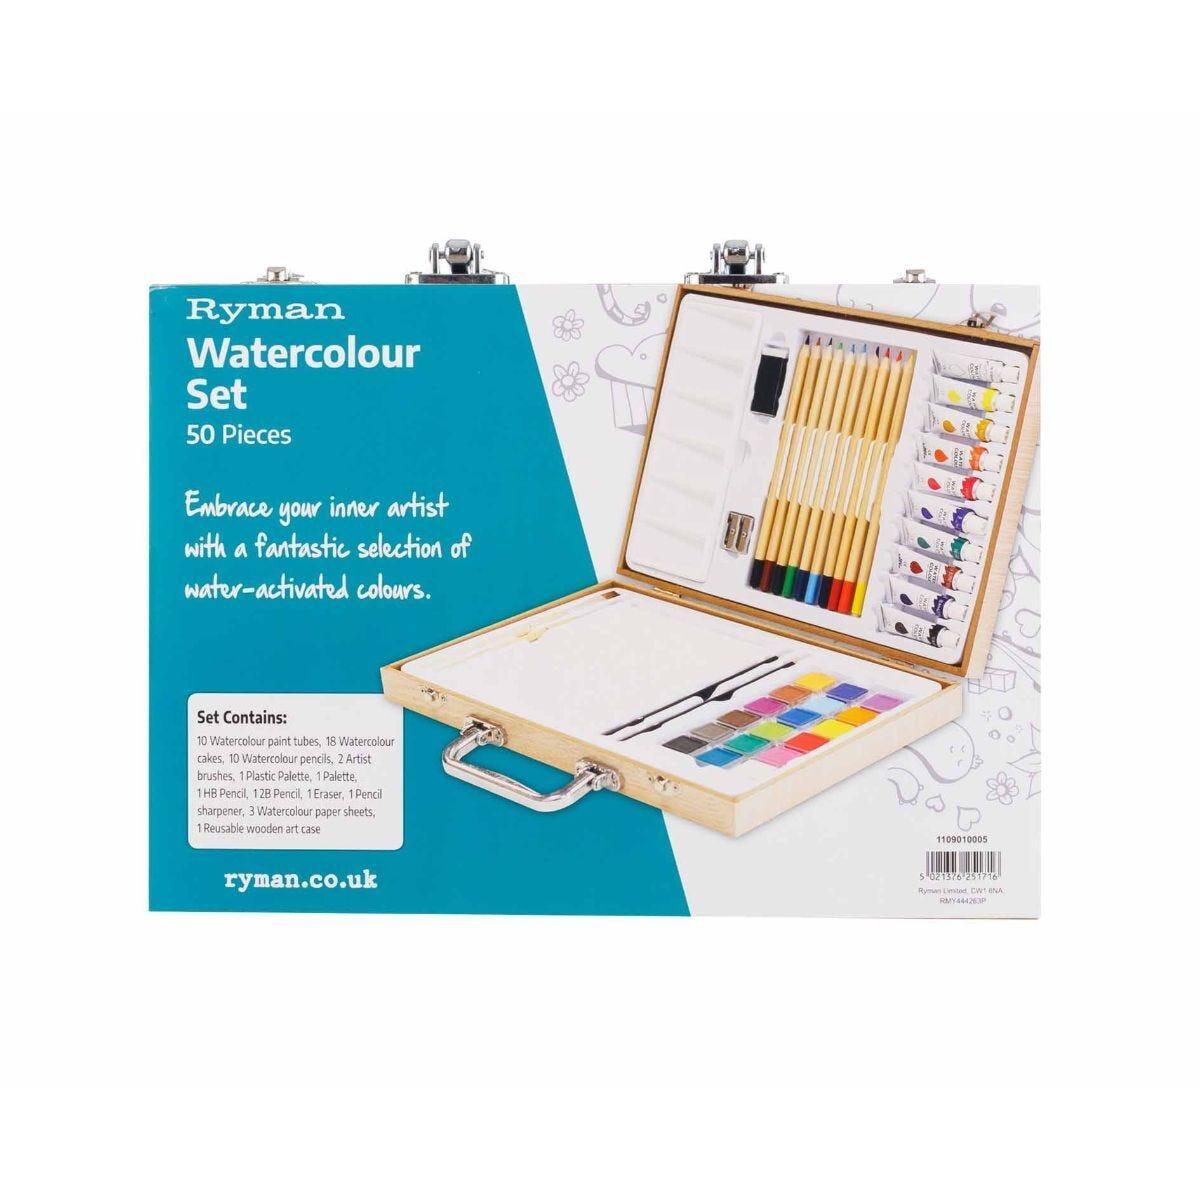 Ryman Watercolour Art Set 50 Piece